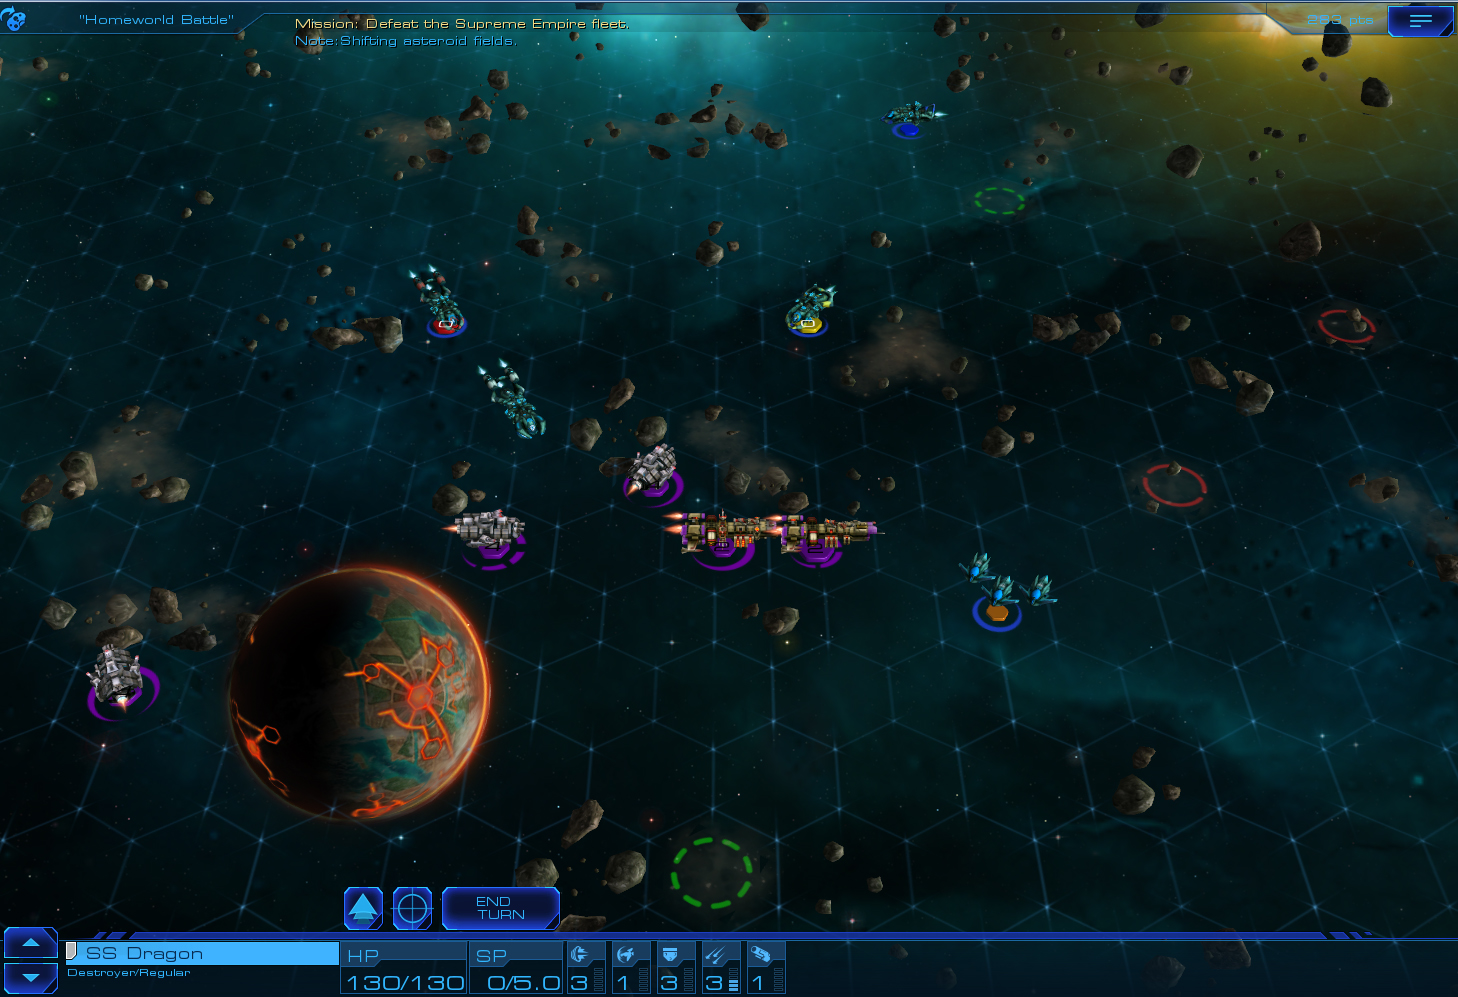 Davehinkle/Sid Meier talks Starships team and freedom of having smaller group